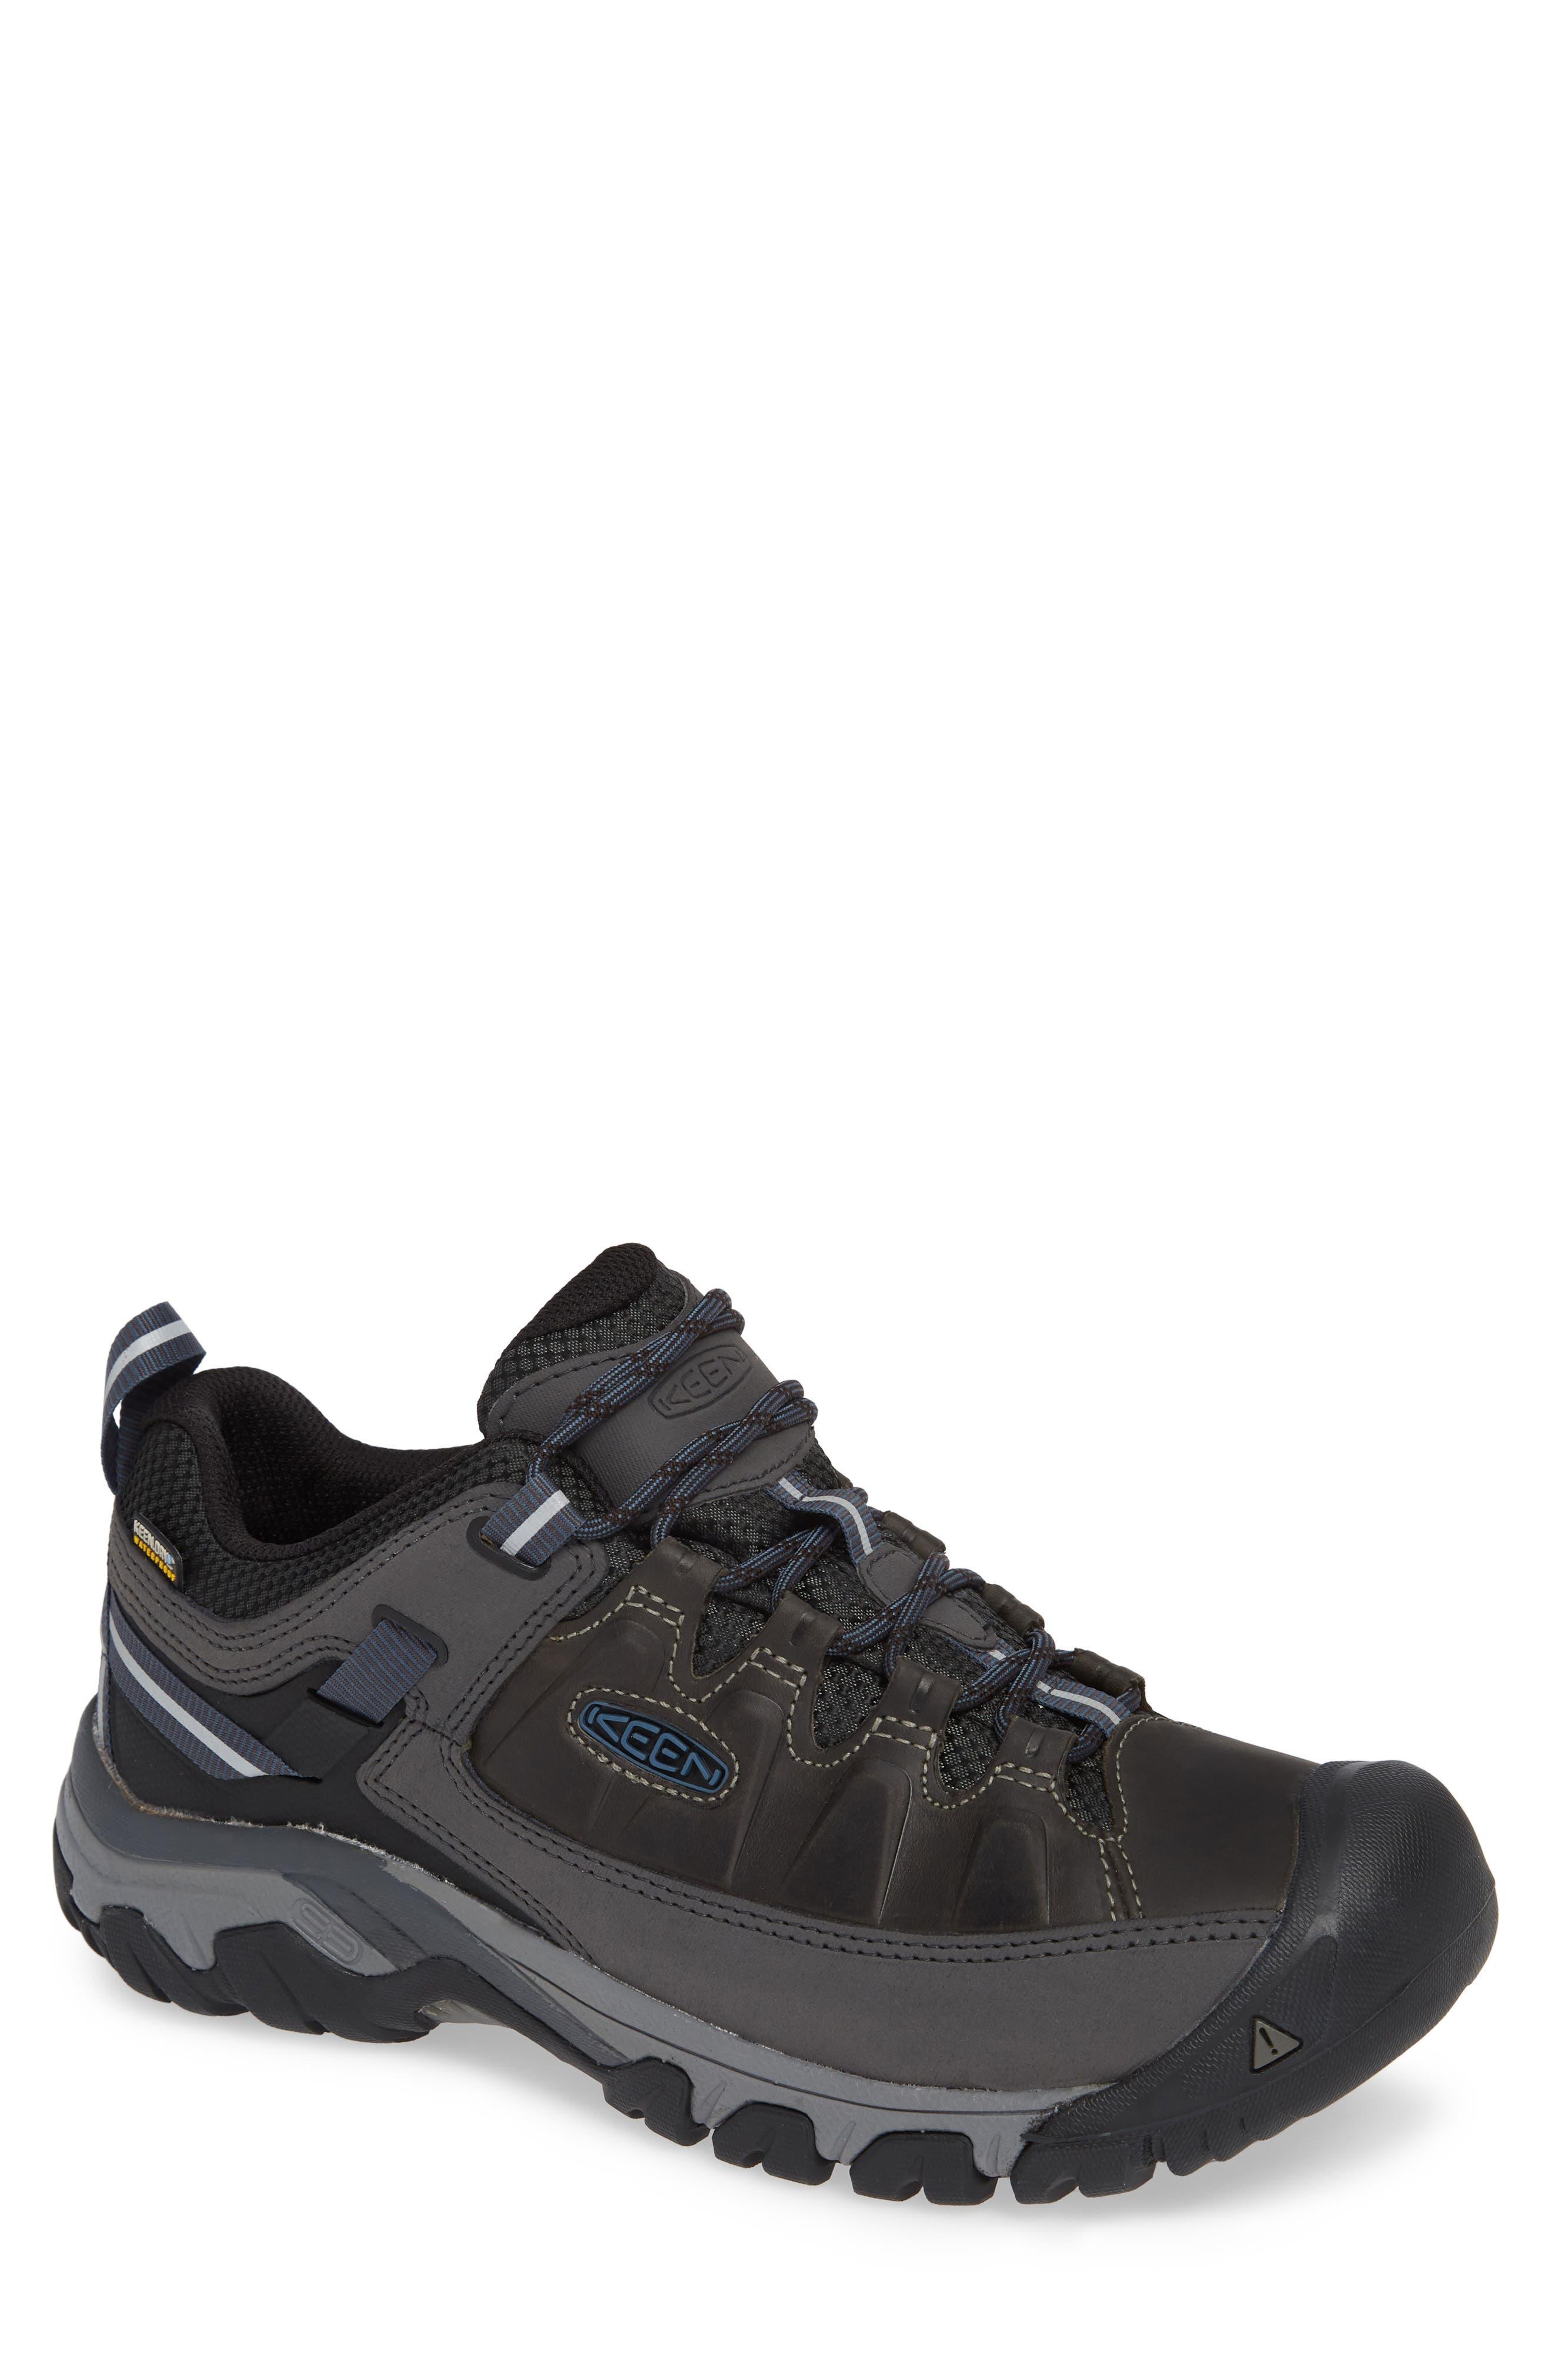 Targhee III Waterproof Hiking Shoe,                         Main,                         color, STEEL GREY/ CAPTAINS BLUE